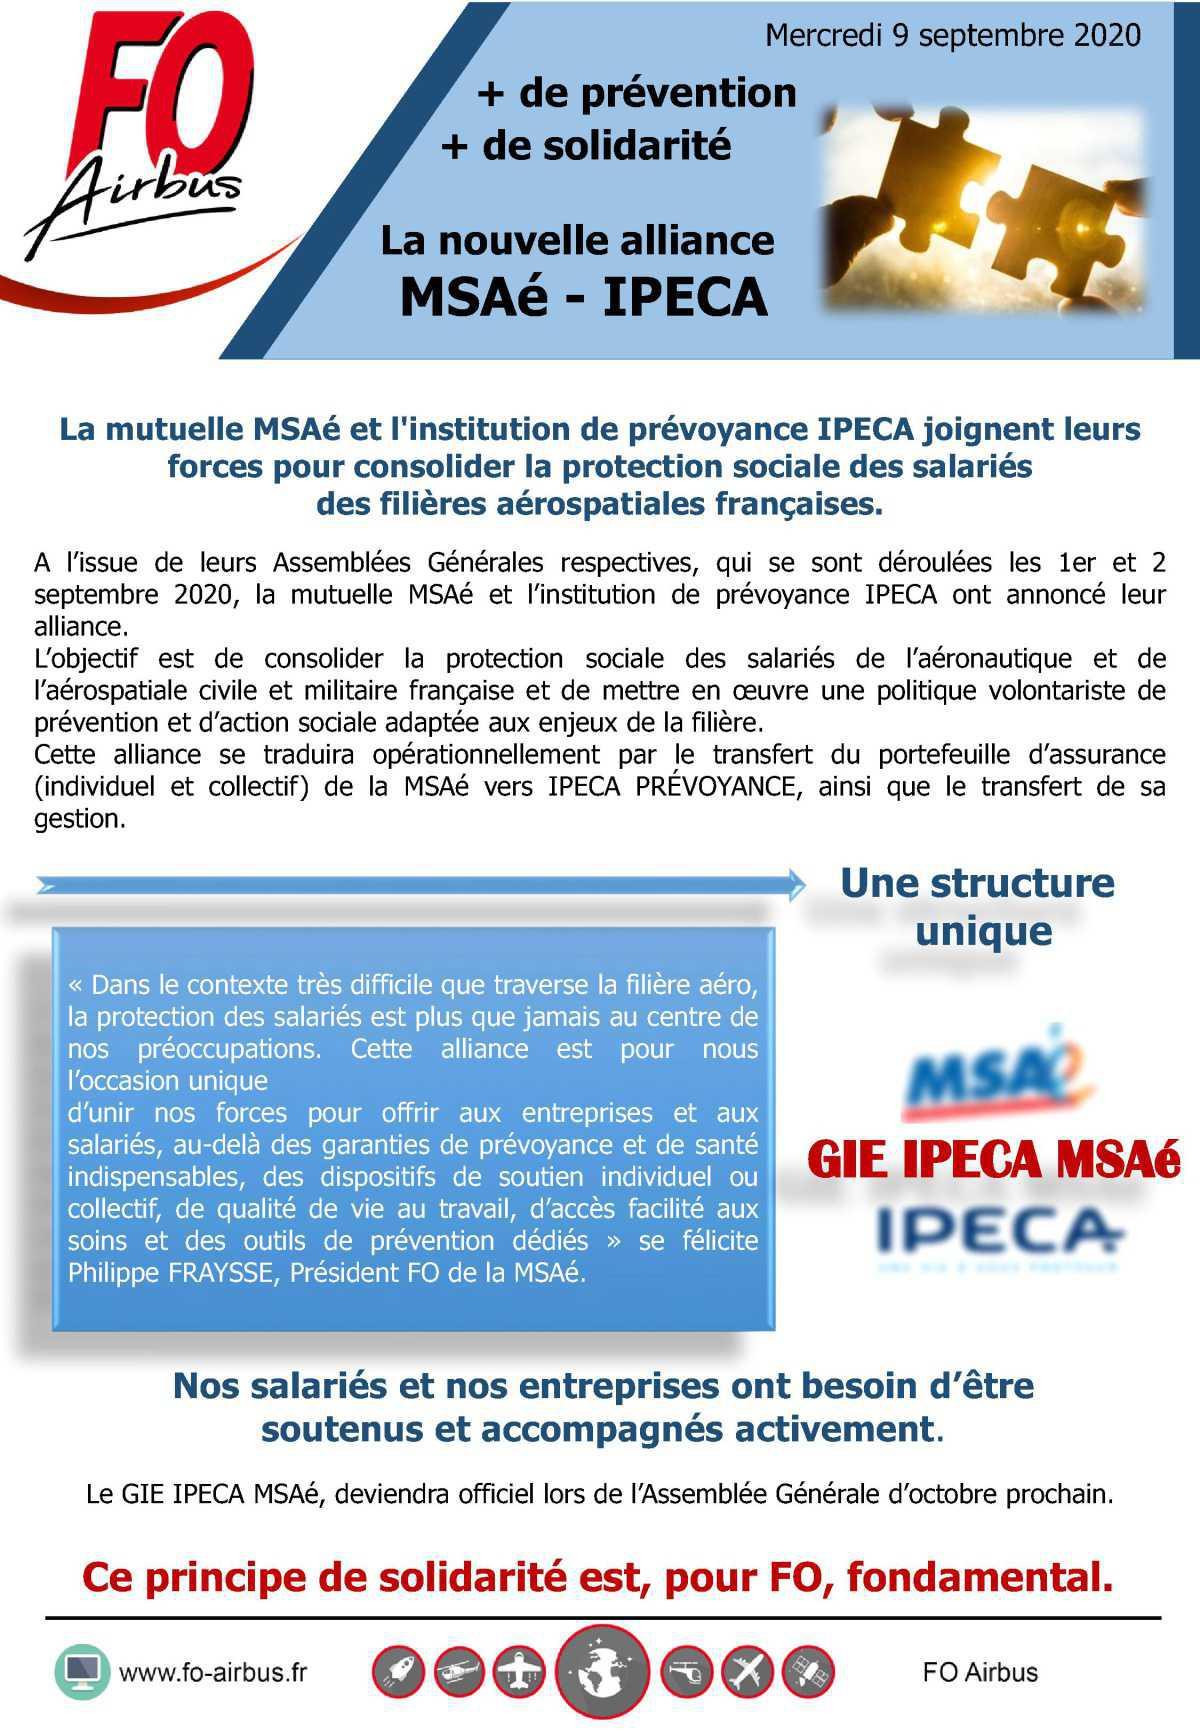 La nouvelle alliance MSAé-IPECA